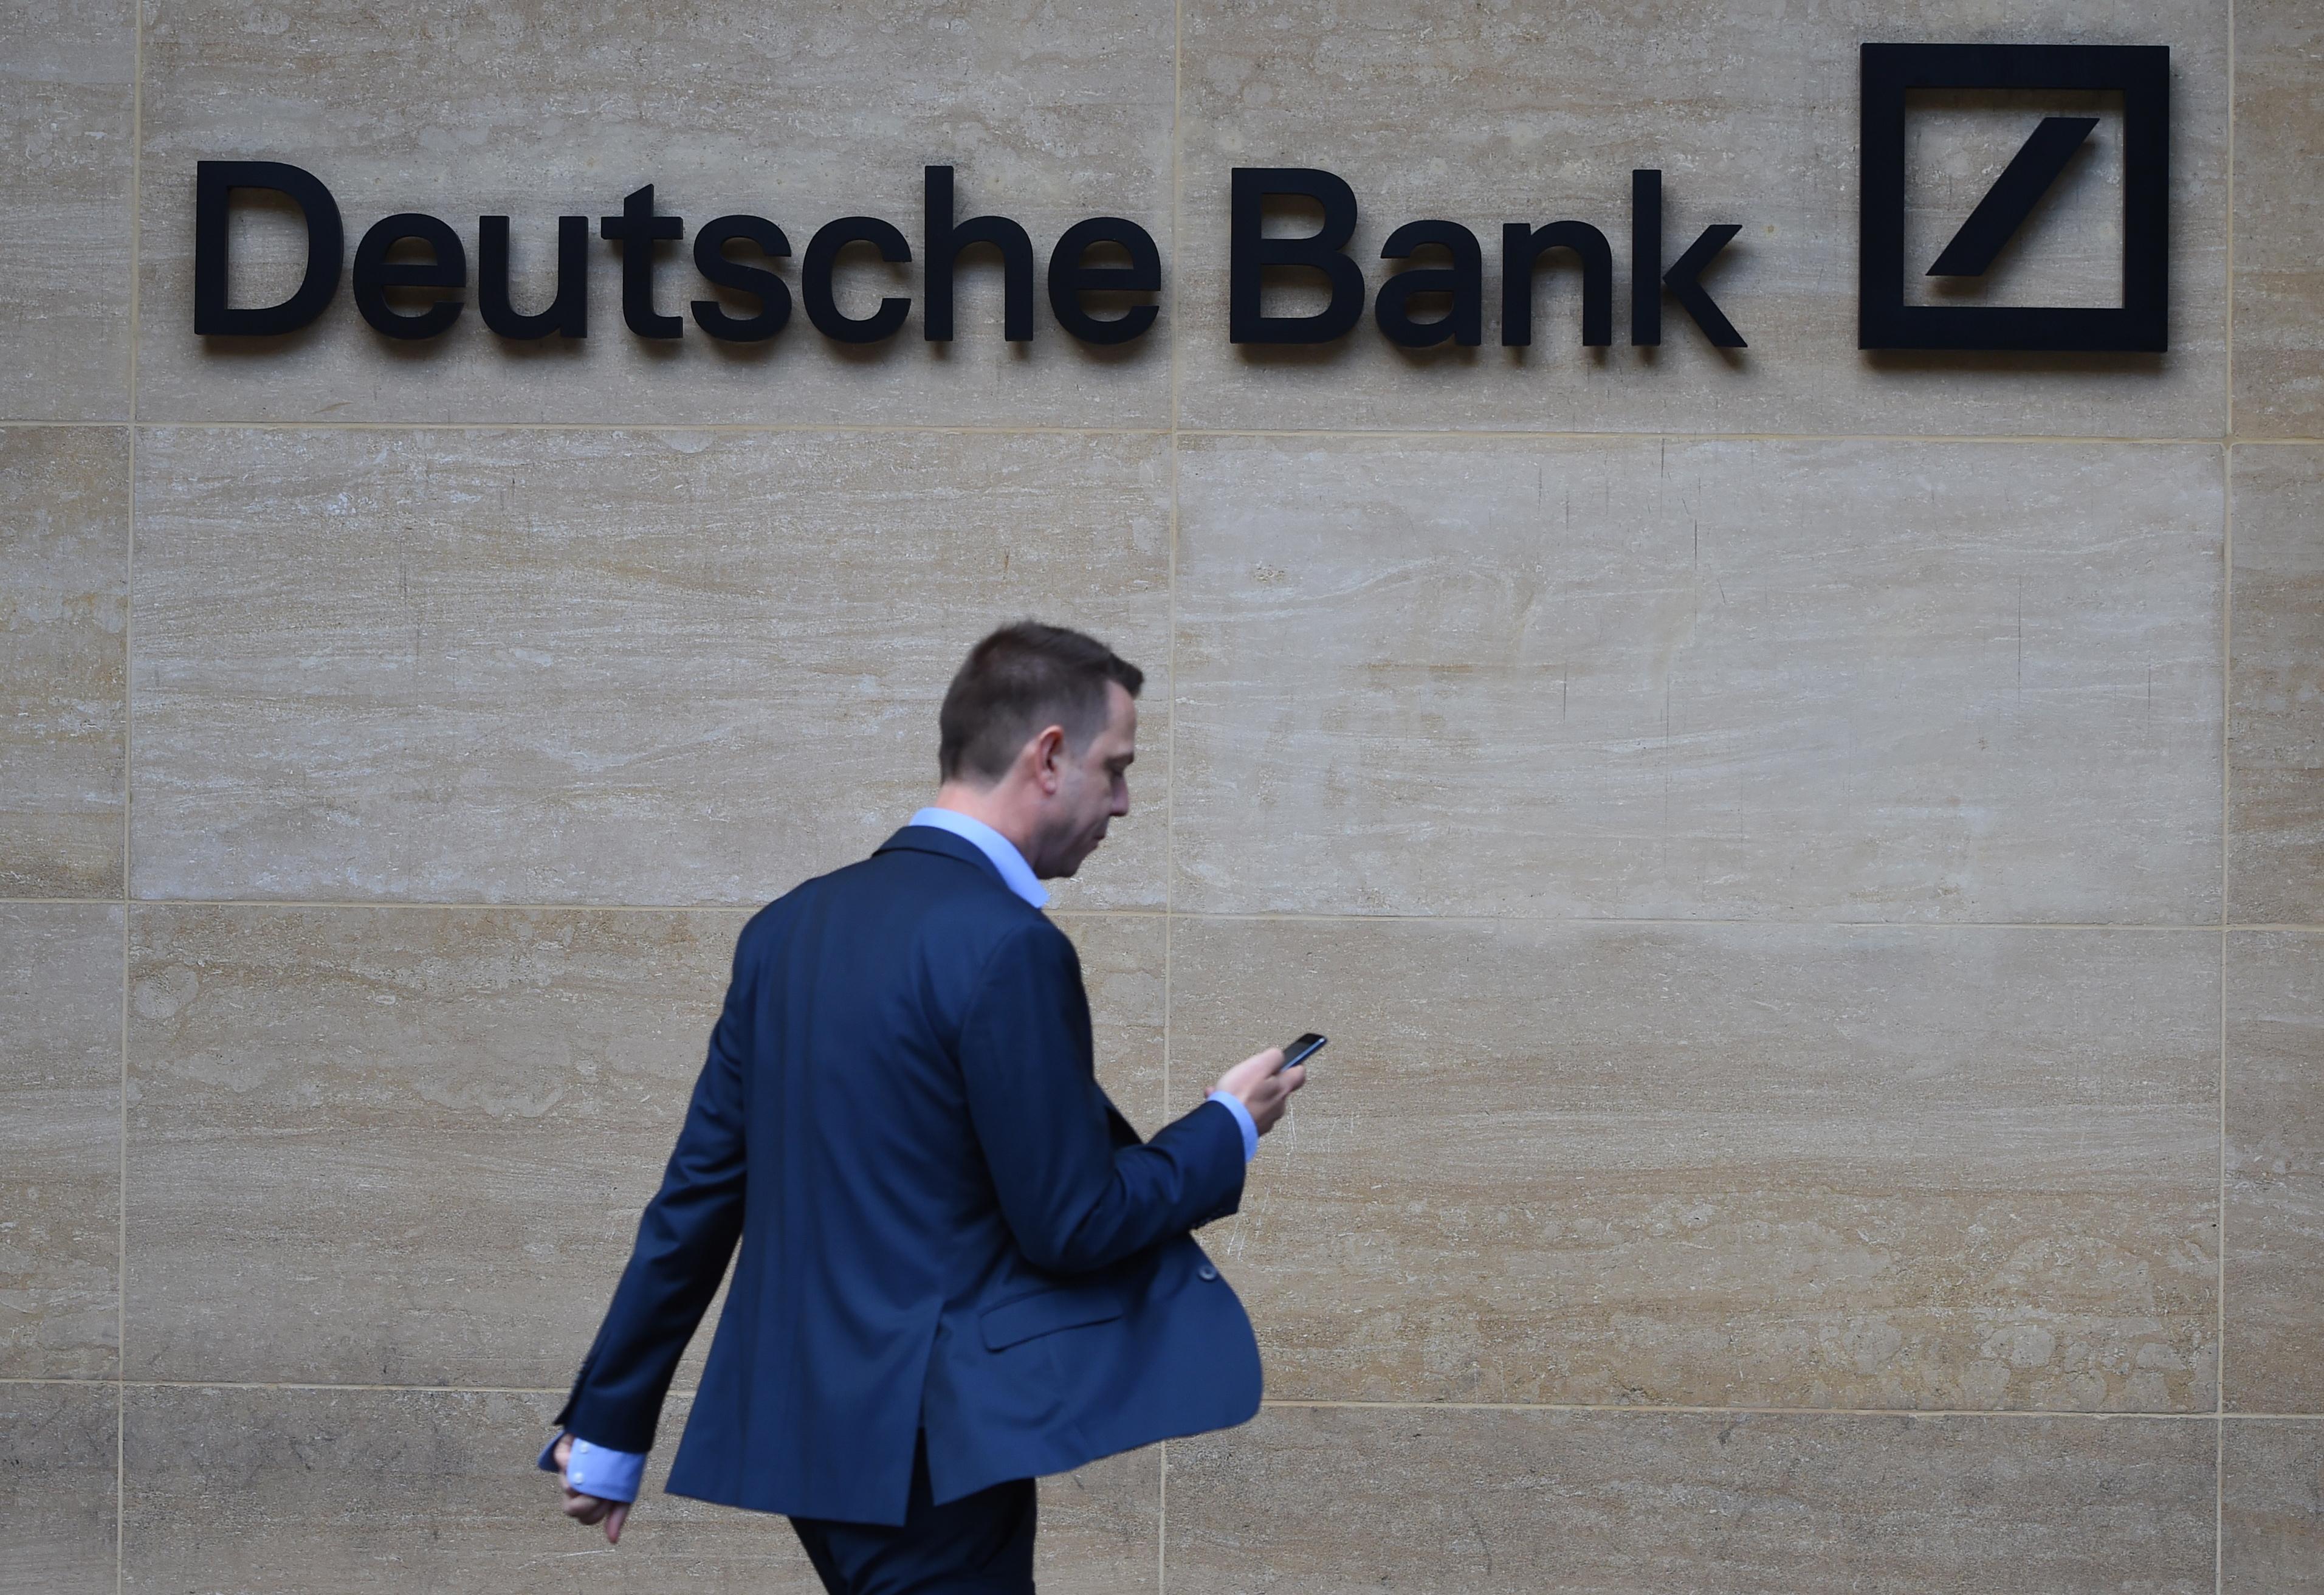 Bancos alemães Deutsche Bank e Commerzbank abandonam tentativa de fusão